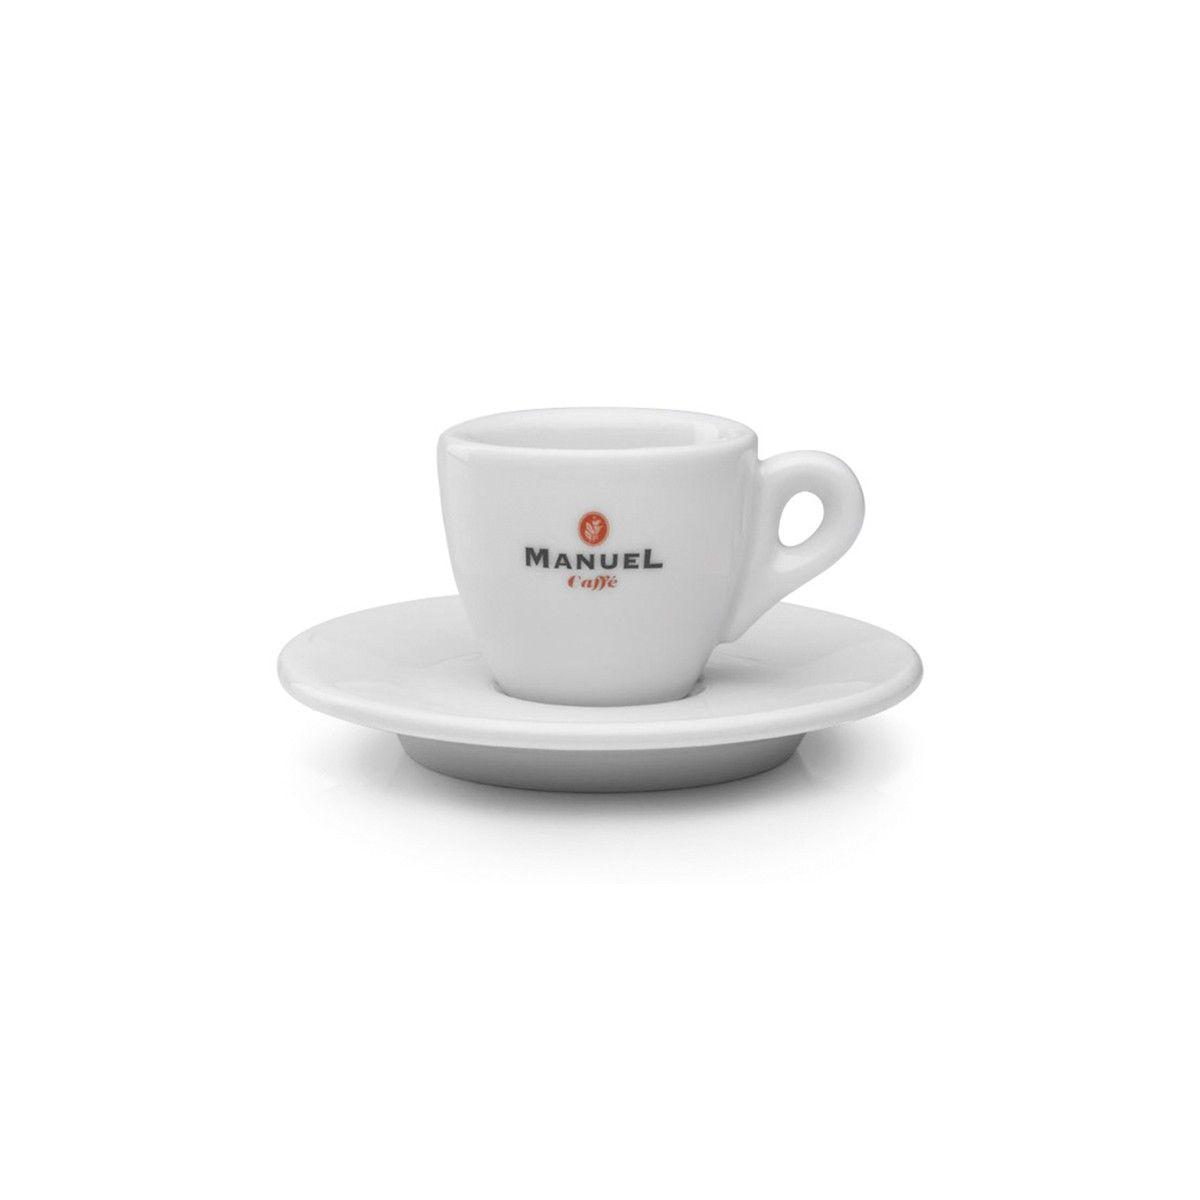 http://manuel.shopstart.hu/Images/Products/5TZMEL03_elite_latte_1.jpg